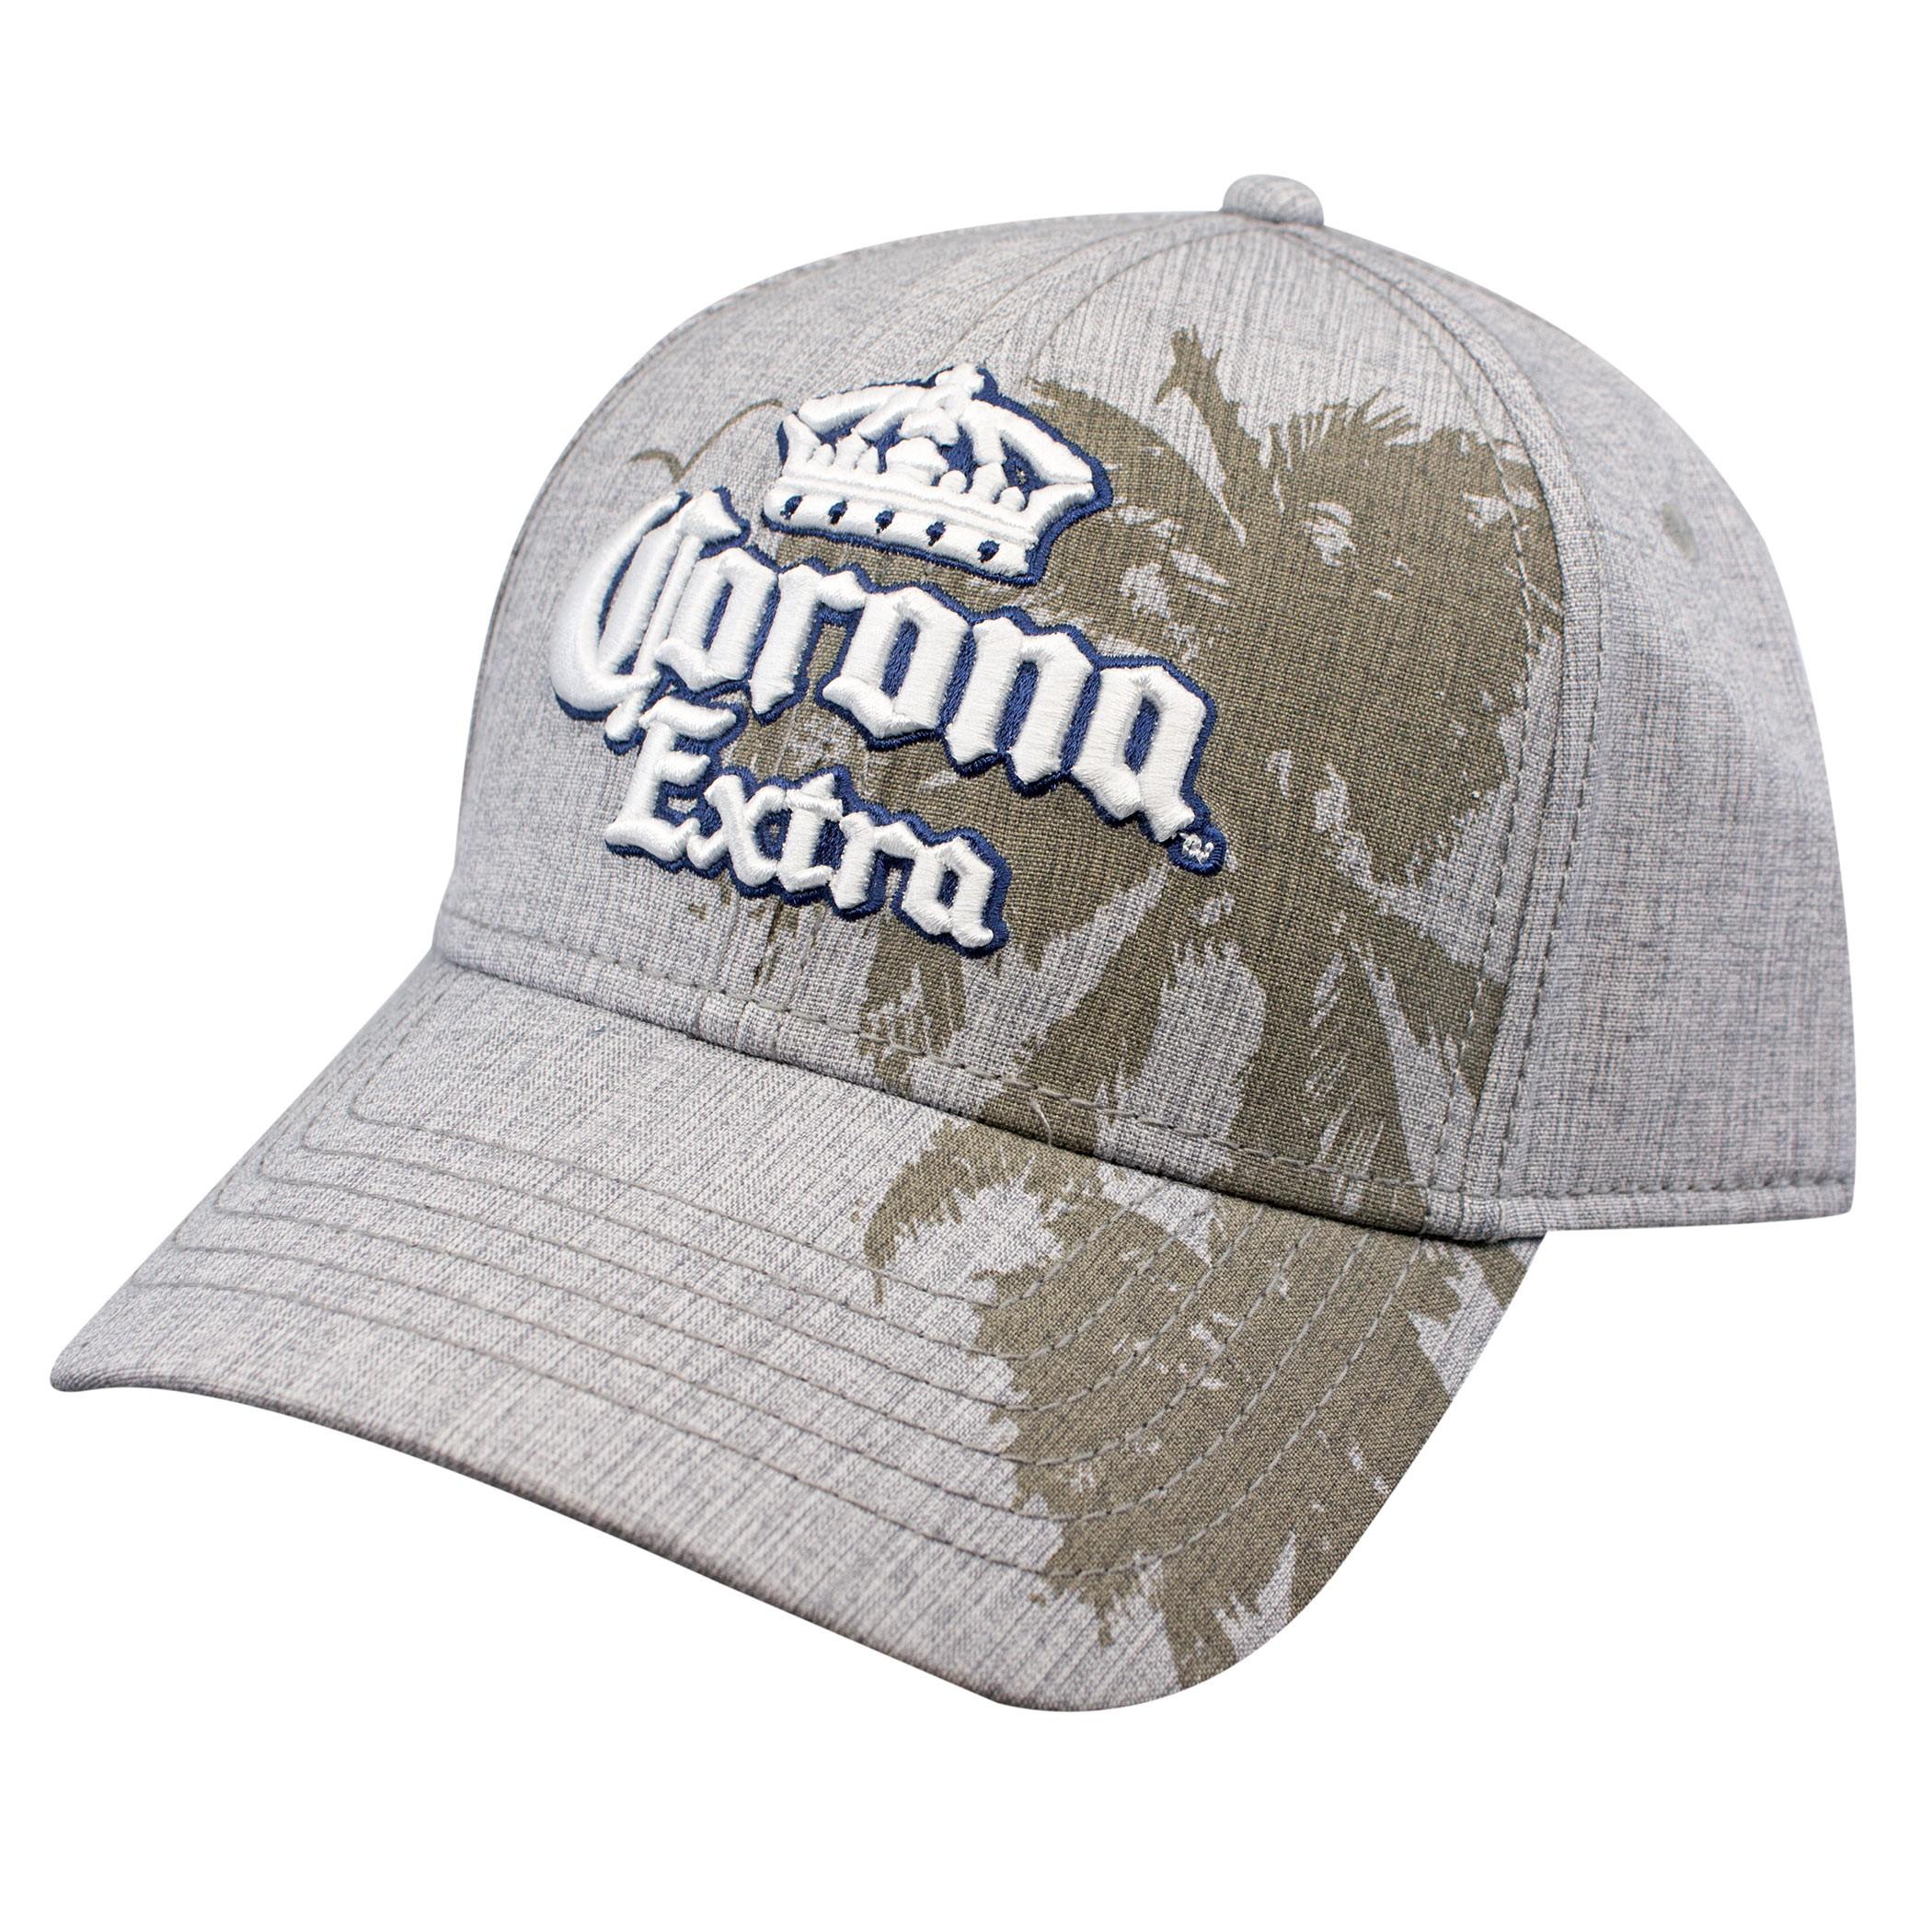 Corona Extra Palm Trees Tan Hat